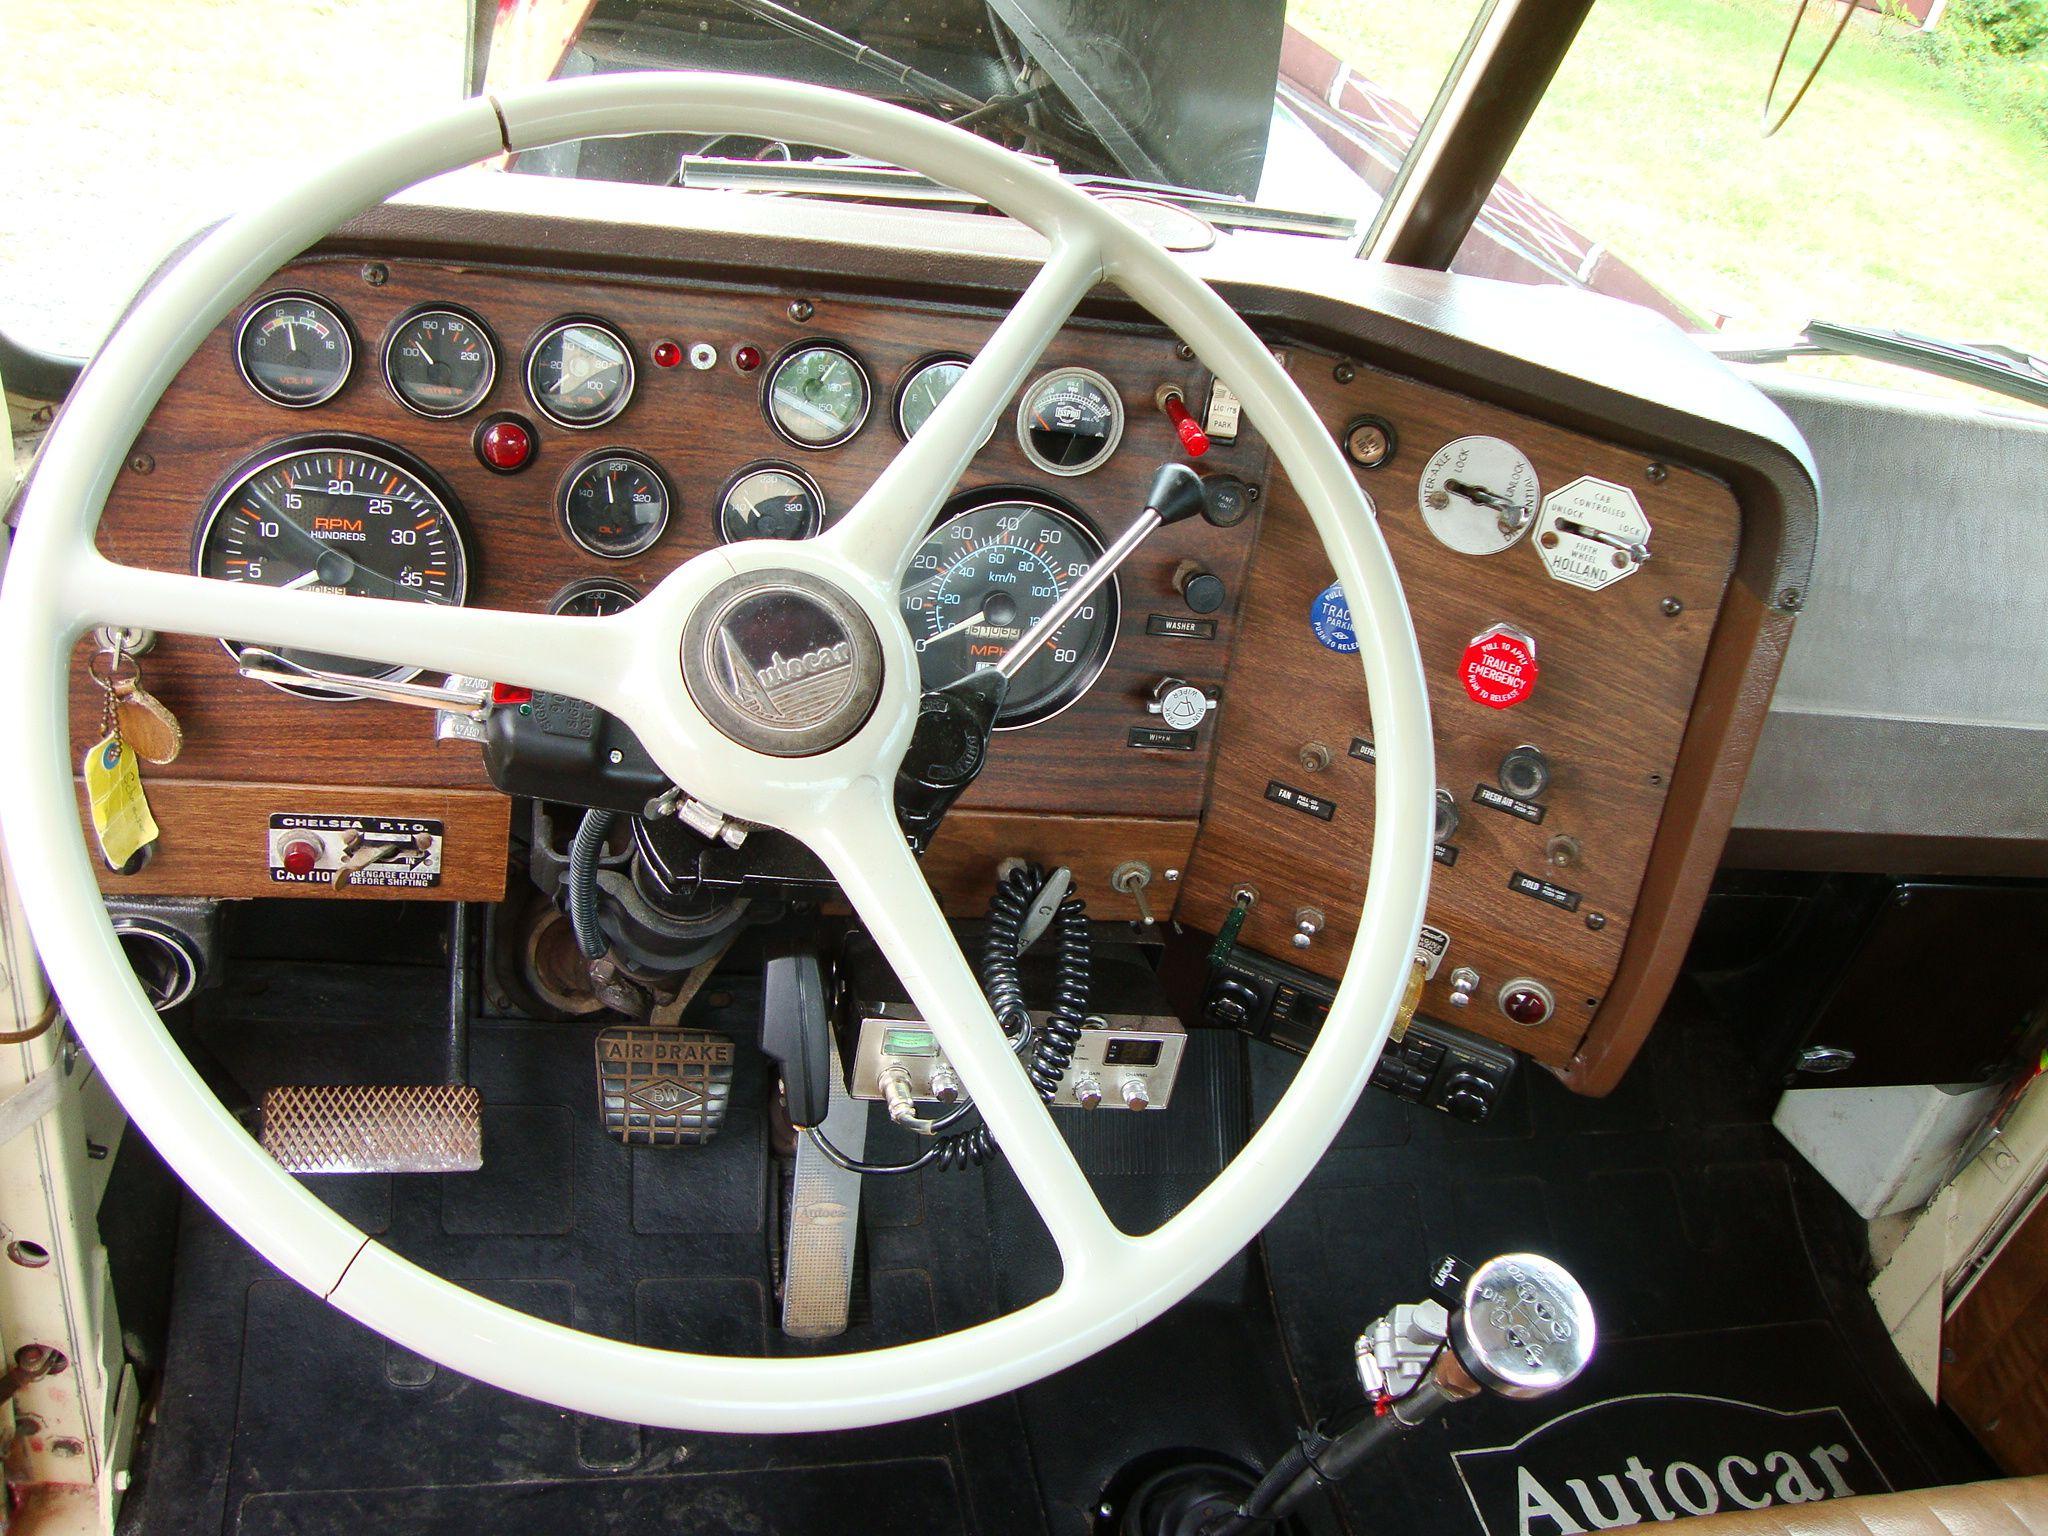 1978 AutoCar Single Axle Tractor rare GKS64TB Glider Kit ...